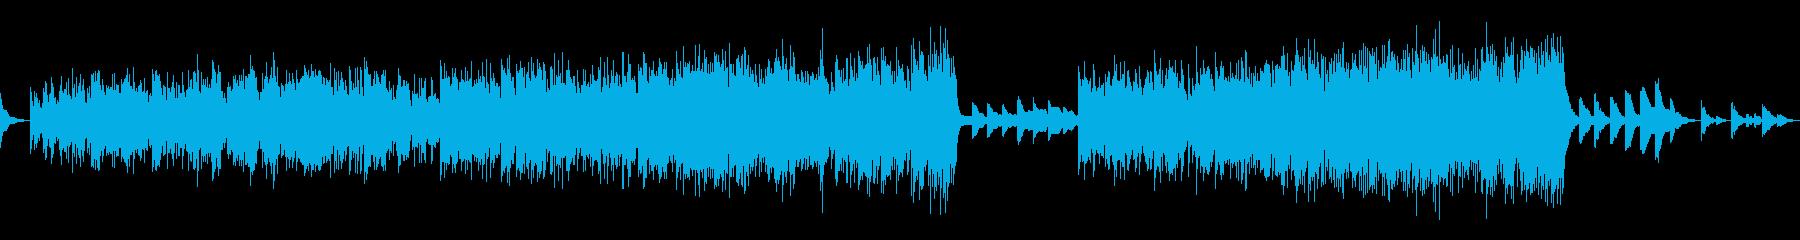 昔の思い出をなつかしく感じる回想的な音楽の再生済みの波形